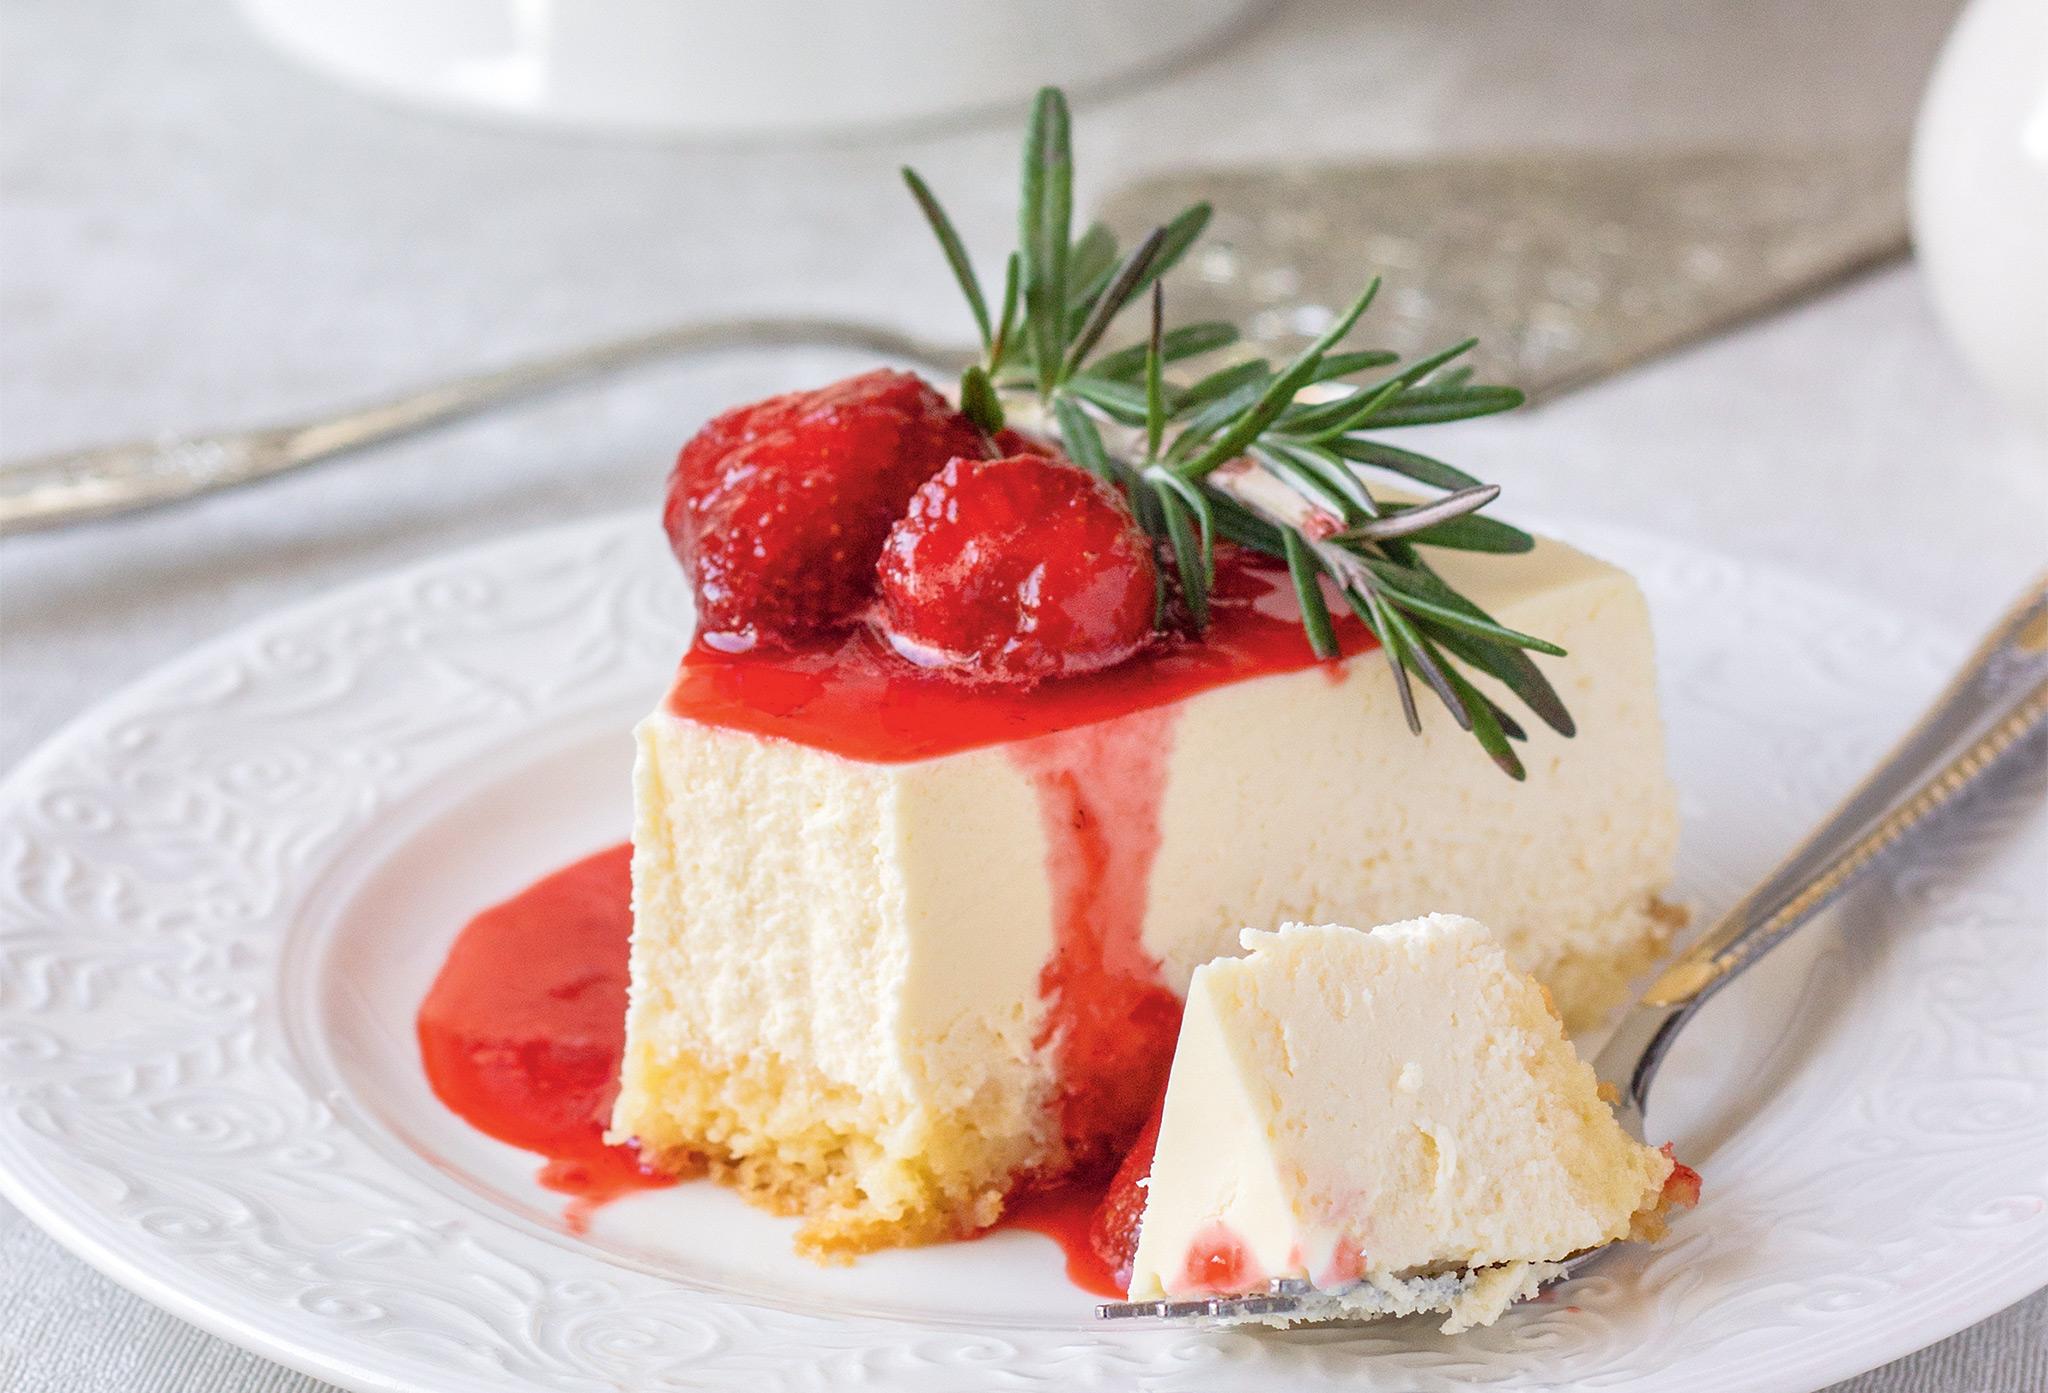 Смоландский сырный пирог осткака с миндалем